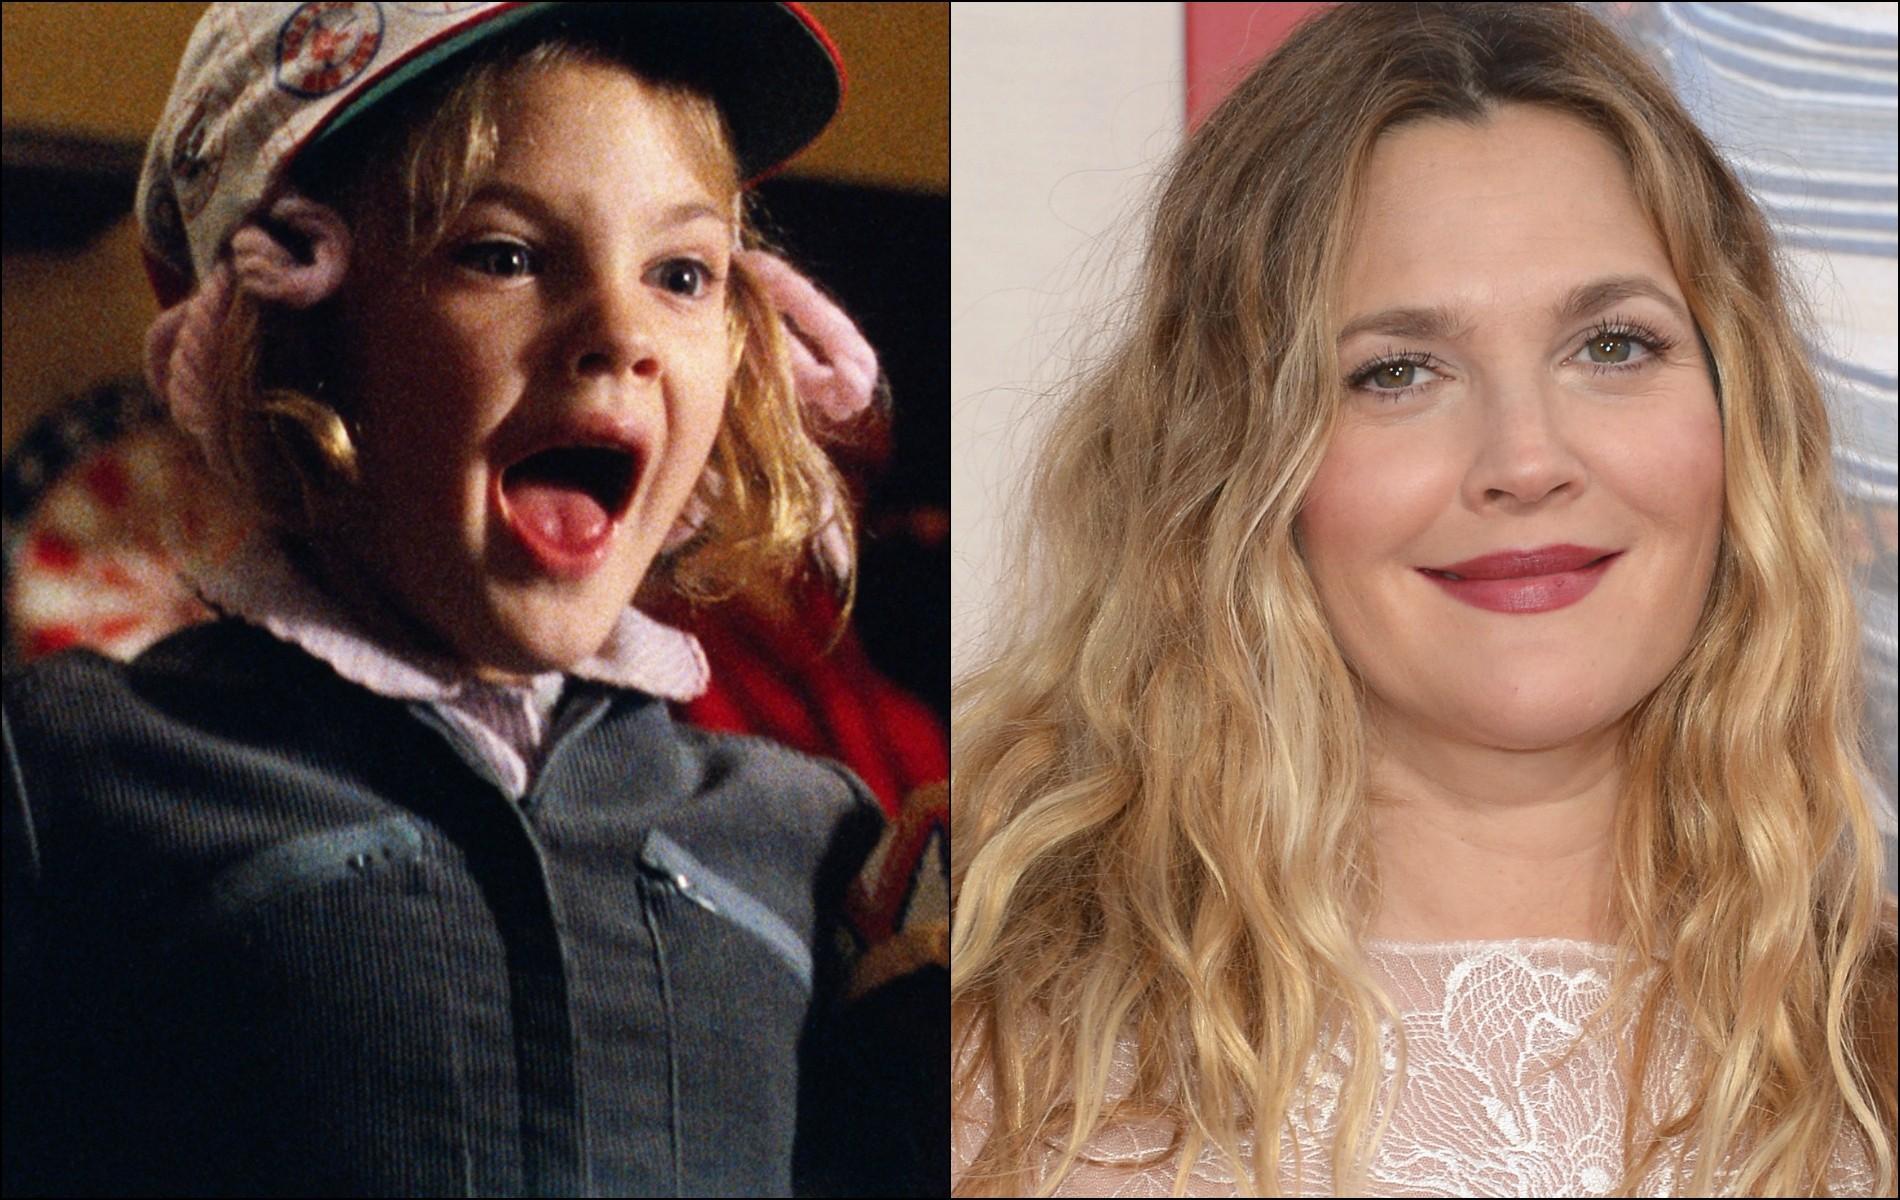 Aos 7 anos, Drew Barrymore fez o clássico 'E.T. — O Extraterrestre' (1982). Atualmente tem 39 anos. (Foto: Reprodução e Getty Images)